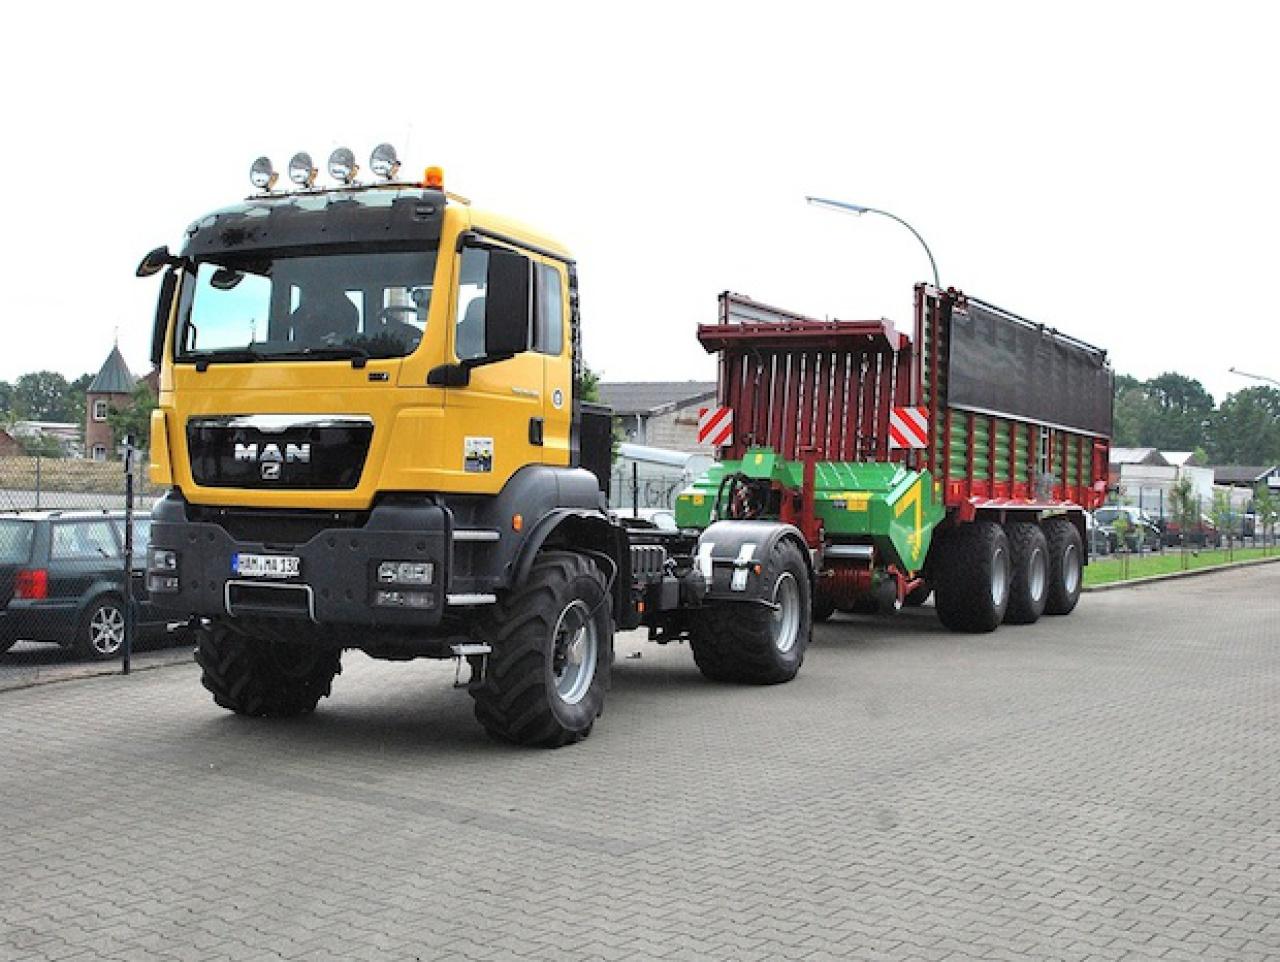 Geliebte Mit dem Agrar-Lkw schneller unterwegs - nachrichten &ZR_62